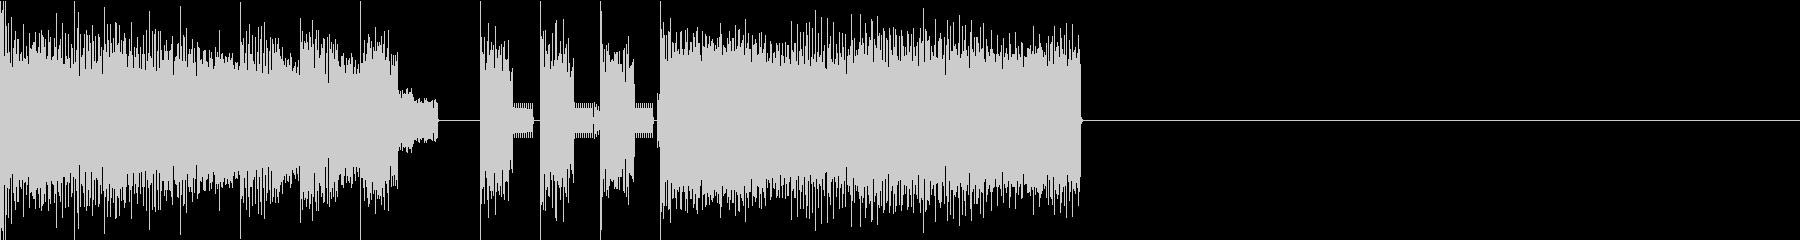 ファミコン風ファンファーレ1の未再生の波形